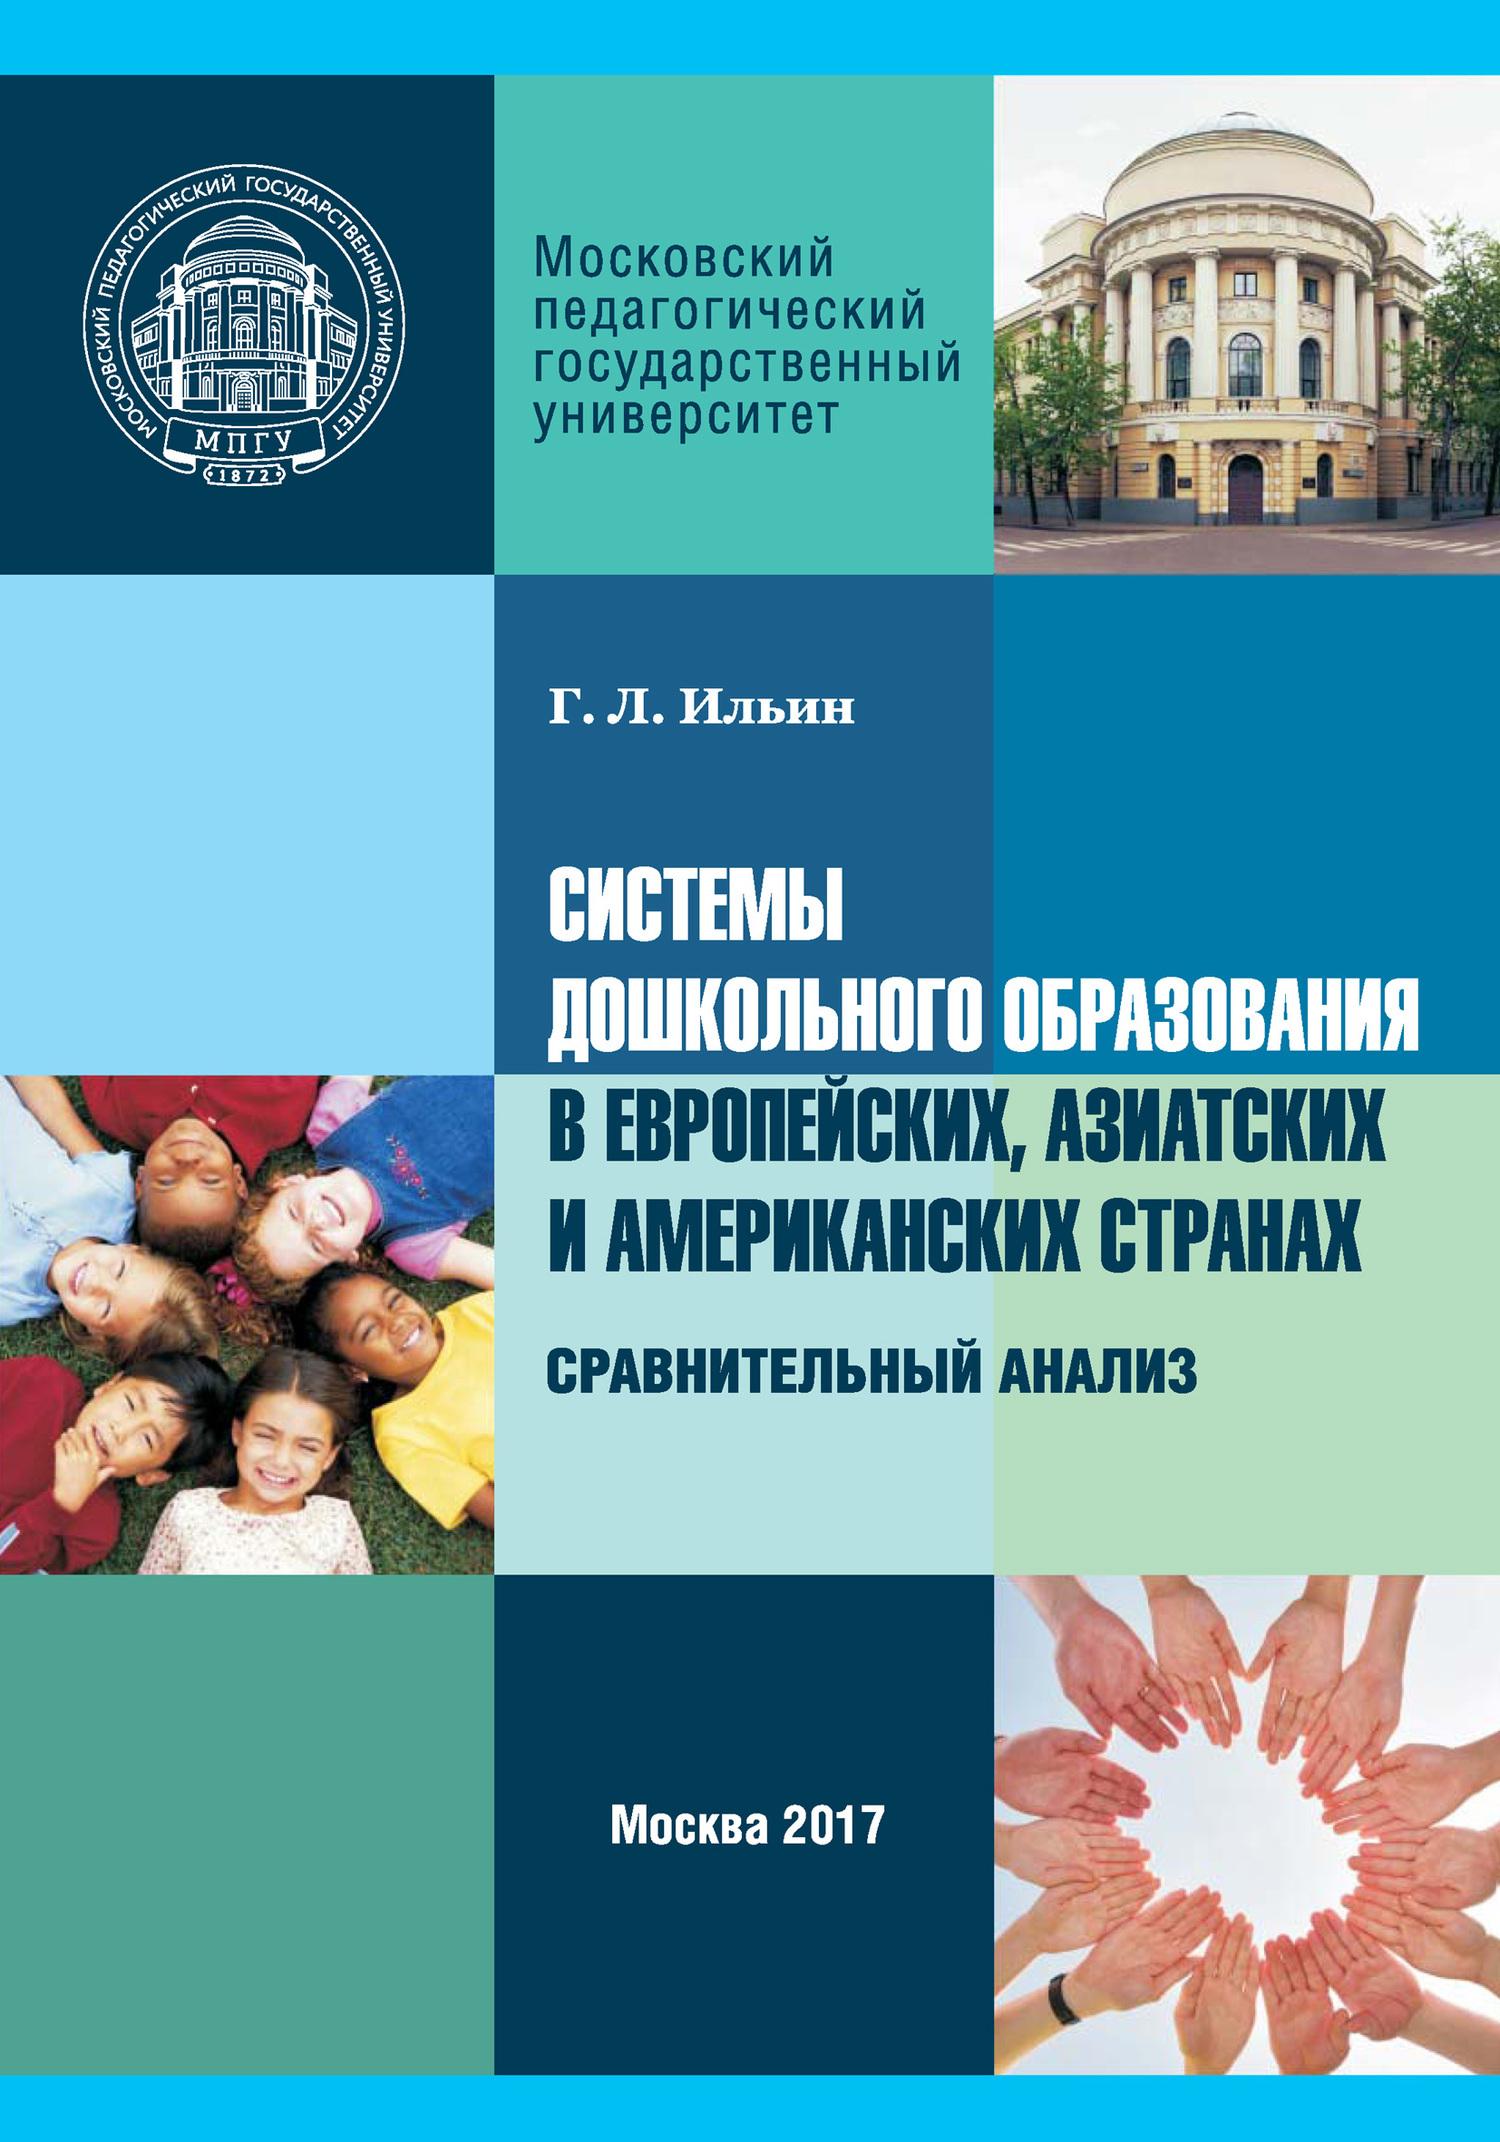 Георгий Ильин - Системы дошкольного образования в европейских, азиатских и американских странах. Сравнительный анализ